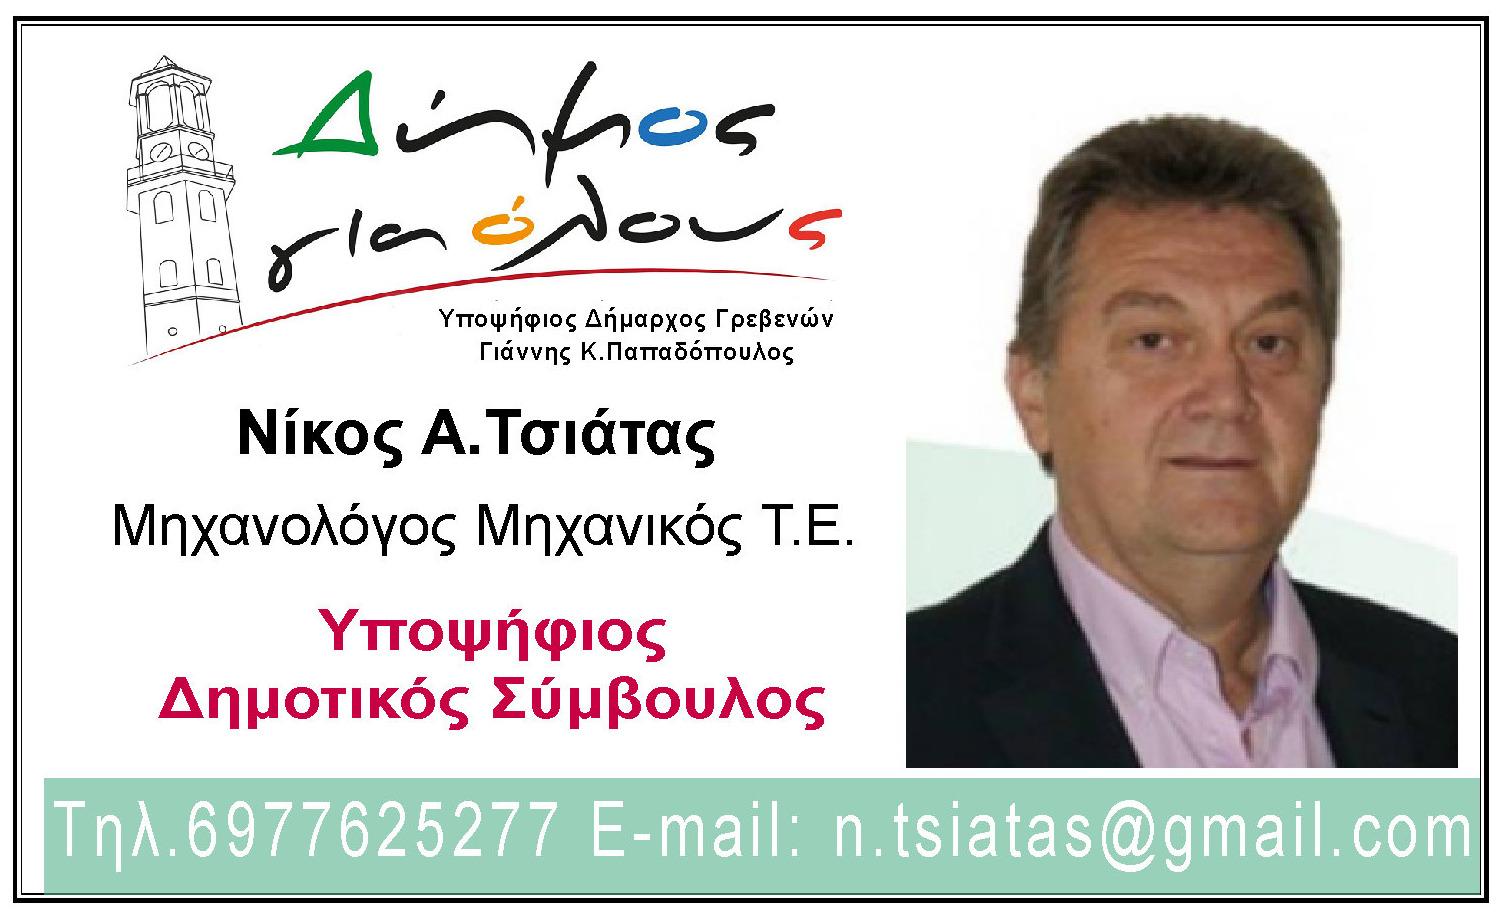 """Βιογραφικό Νικολαου Τσιάτα  υποψήφιου δημοτικού συμβούλου Γρεβενών, με τον συνδυασμό """"Δήμος για Όλους """""""